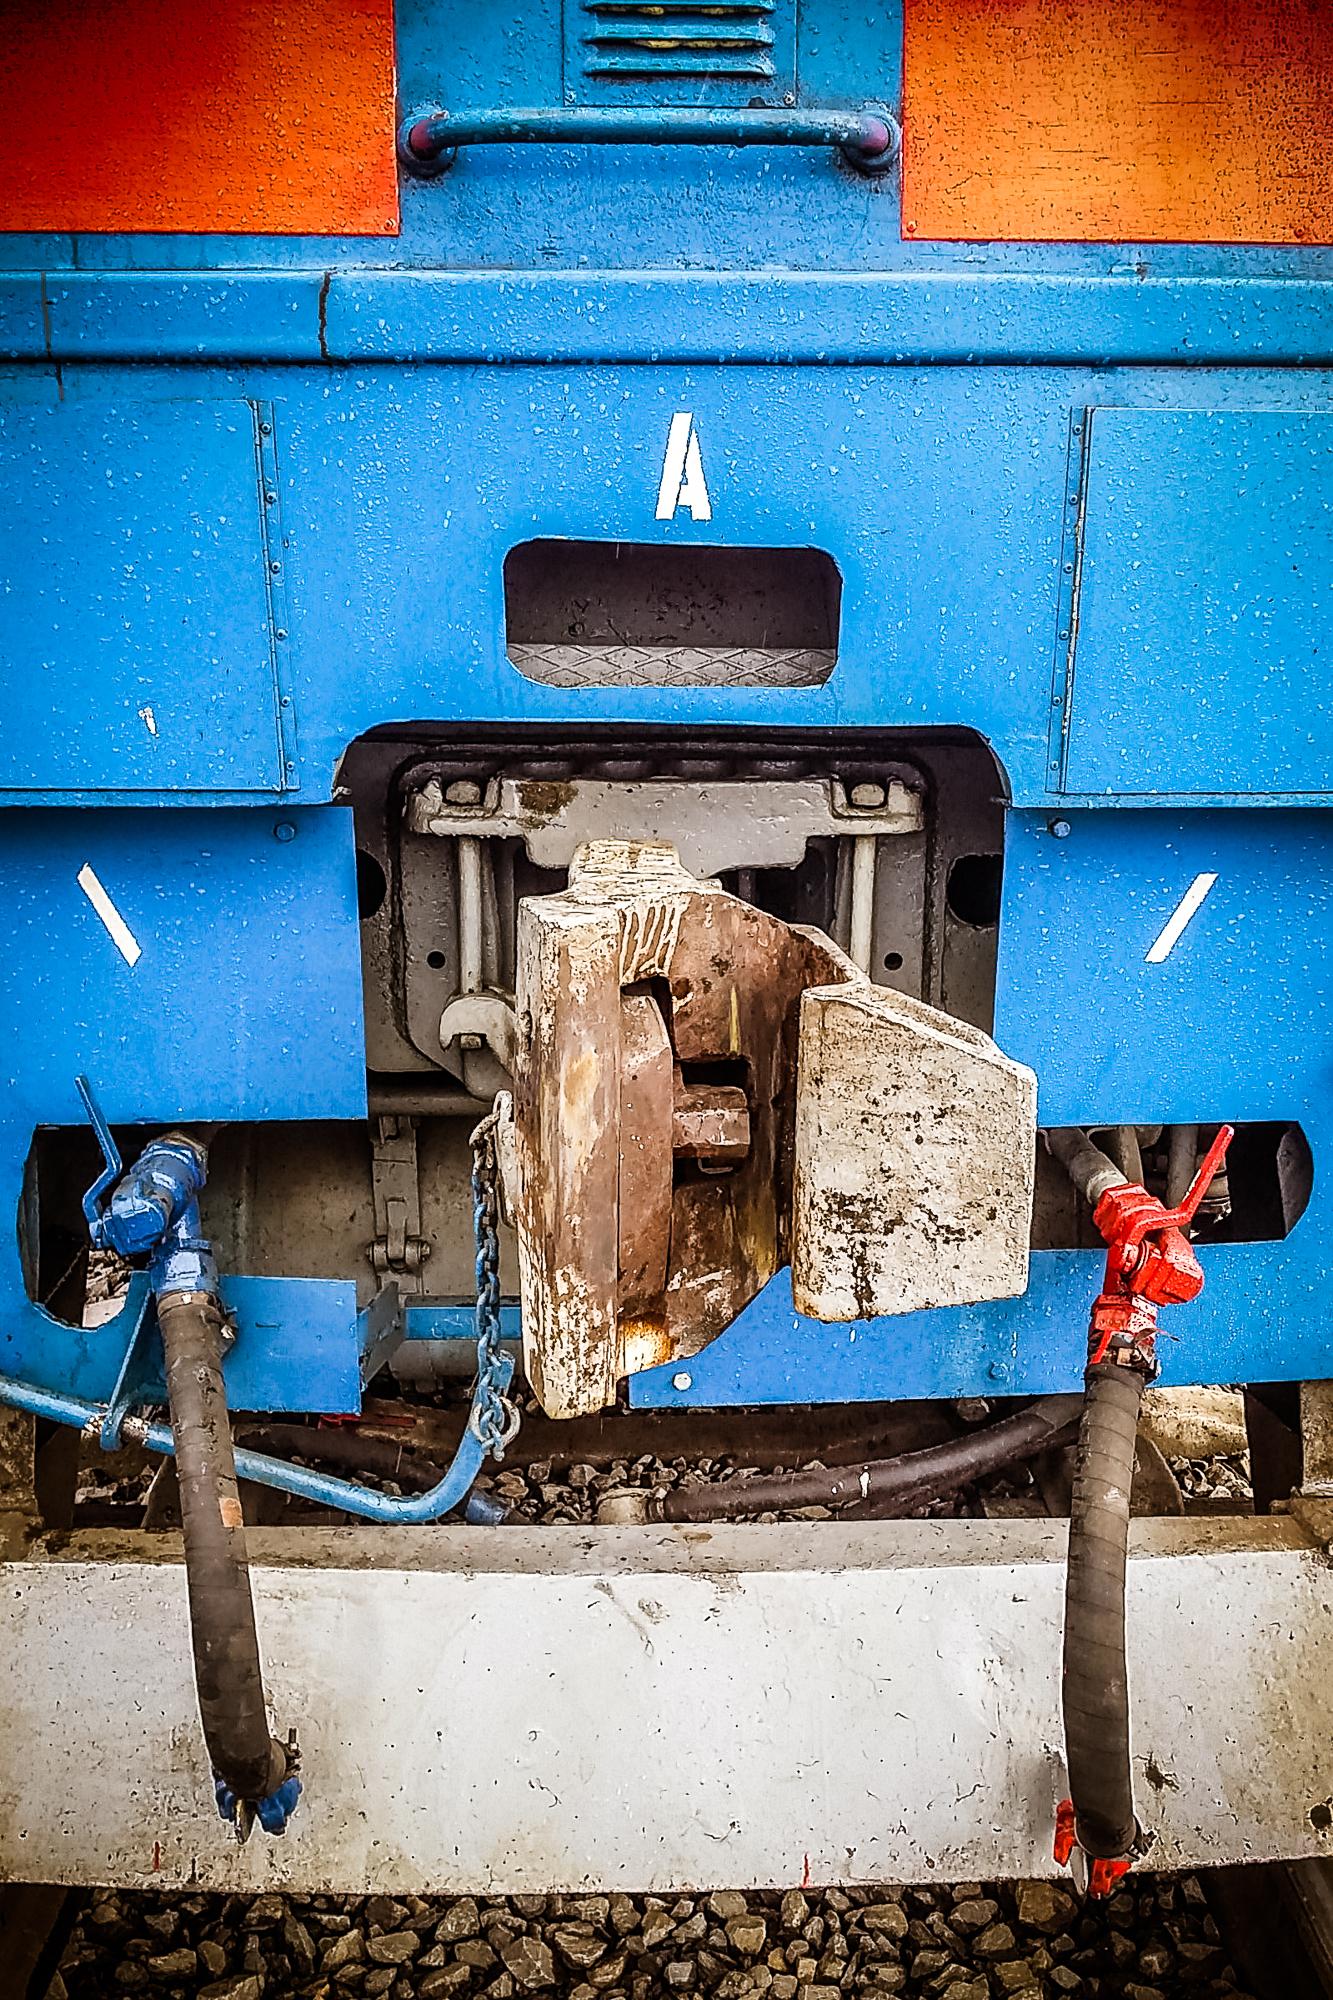 Locomotive Via @Atisgailis